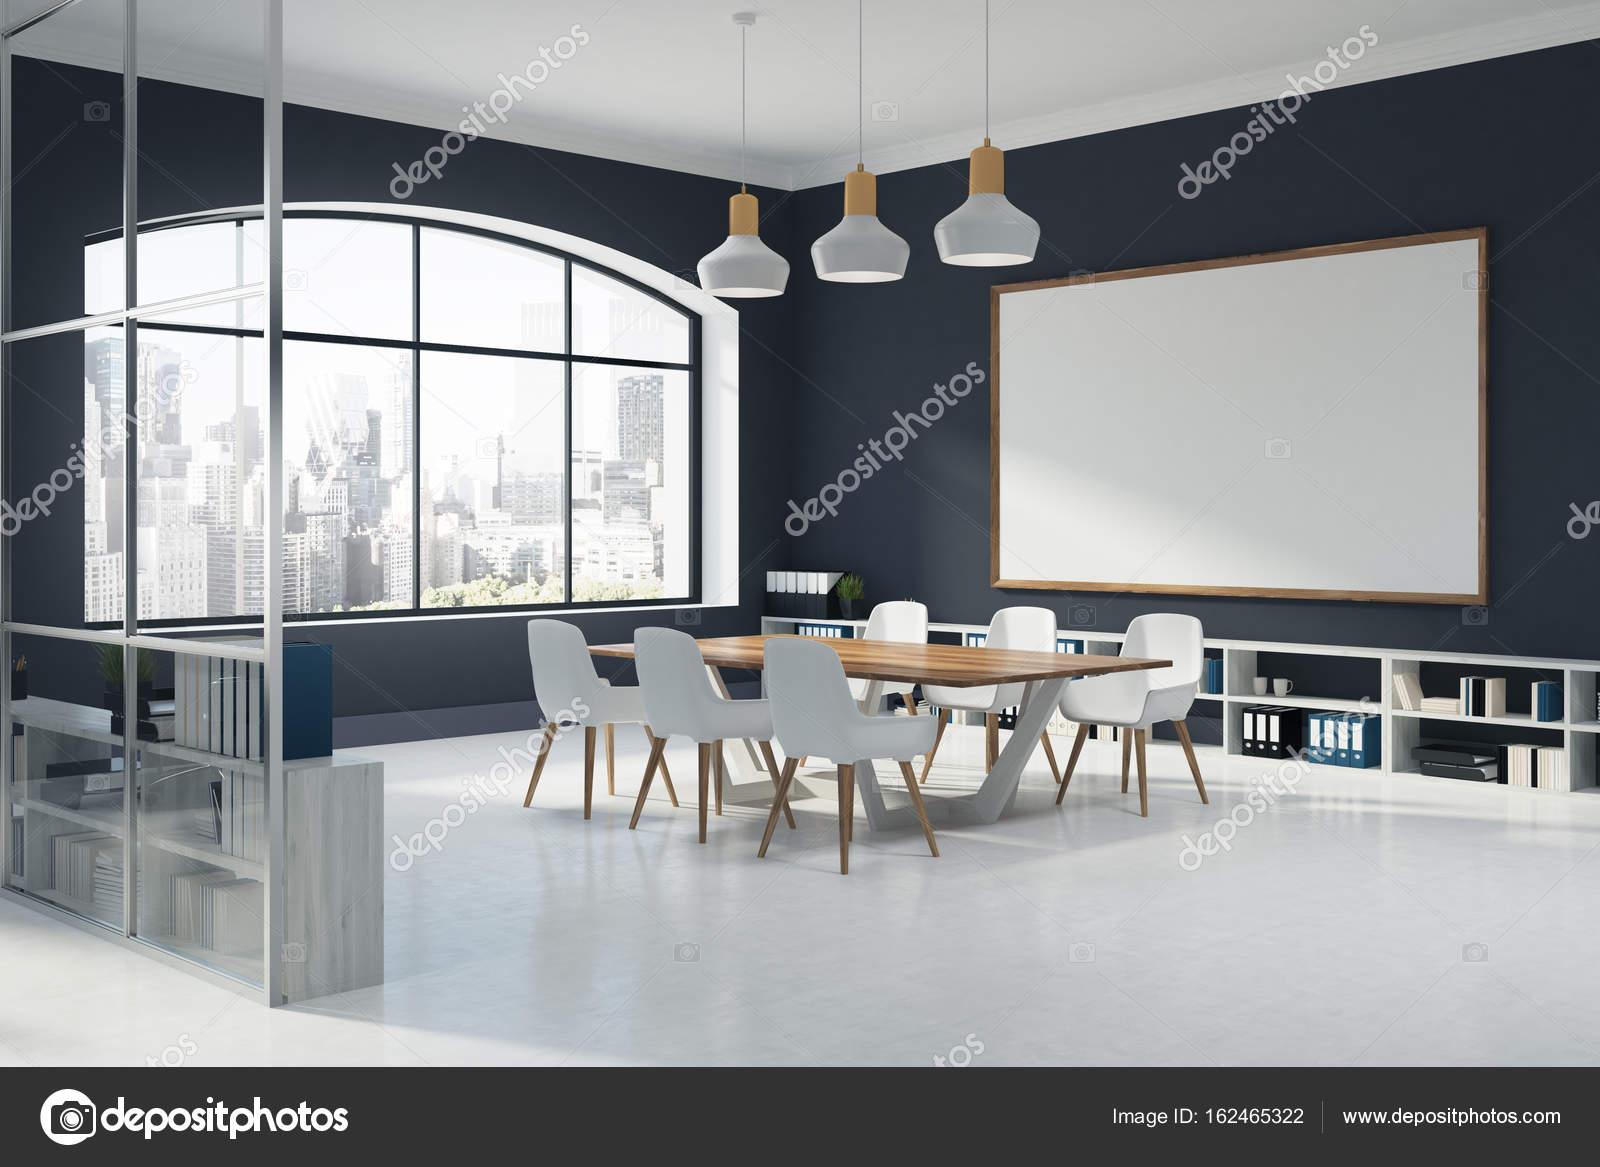 Nice Black Konferenz Innenraum Mit Einem Großen Fenster, Ein Whiteboard, Ein  Langer Tisch, Umgeben Von Weißen Stühle Und Regale An Den Wänden Entlang  Stehen.